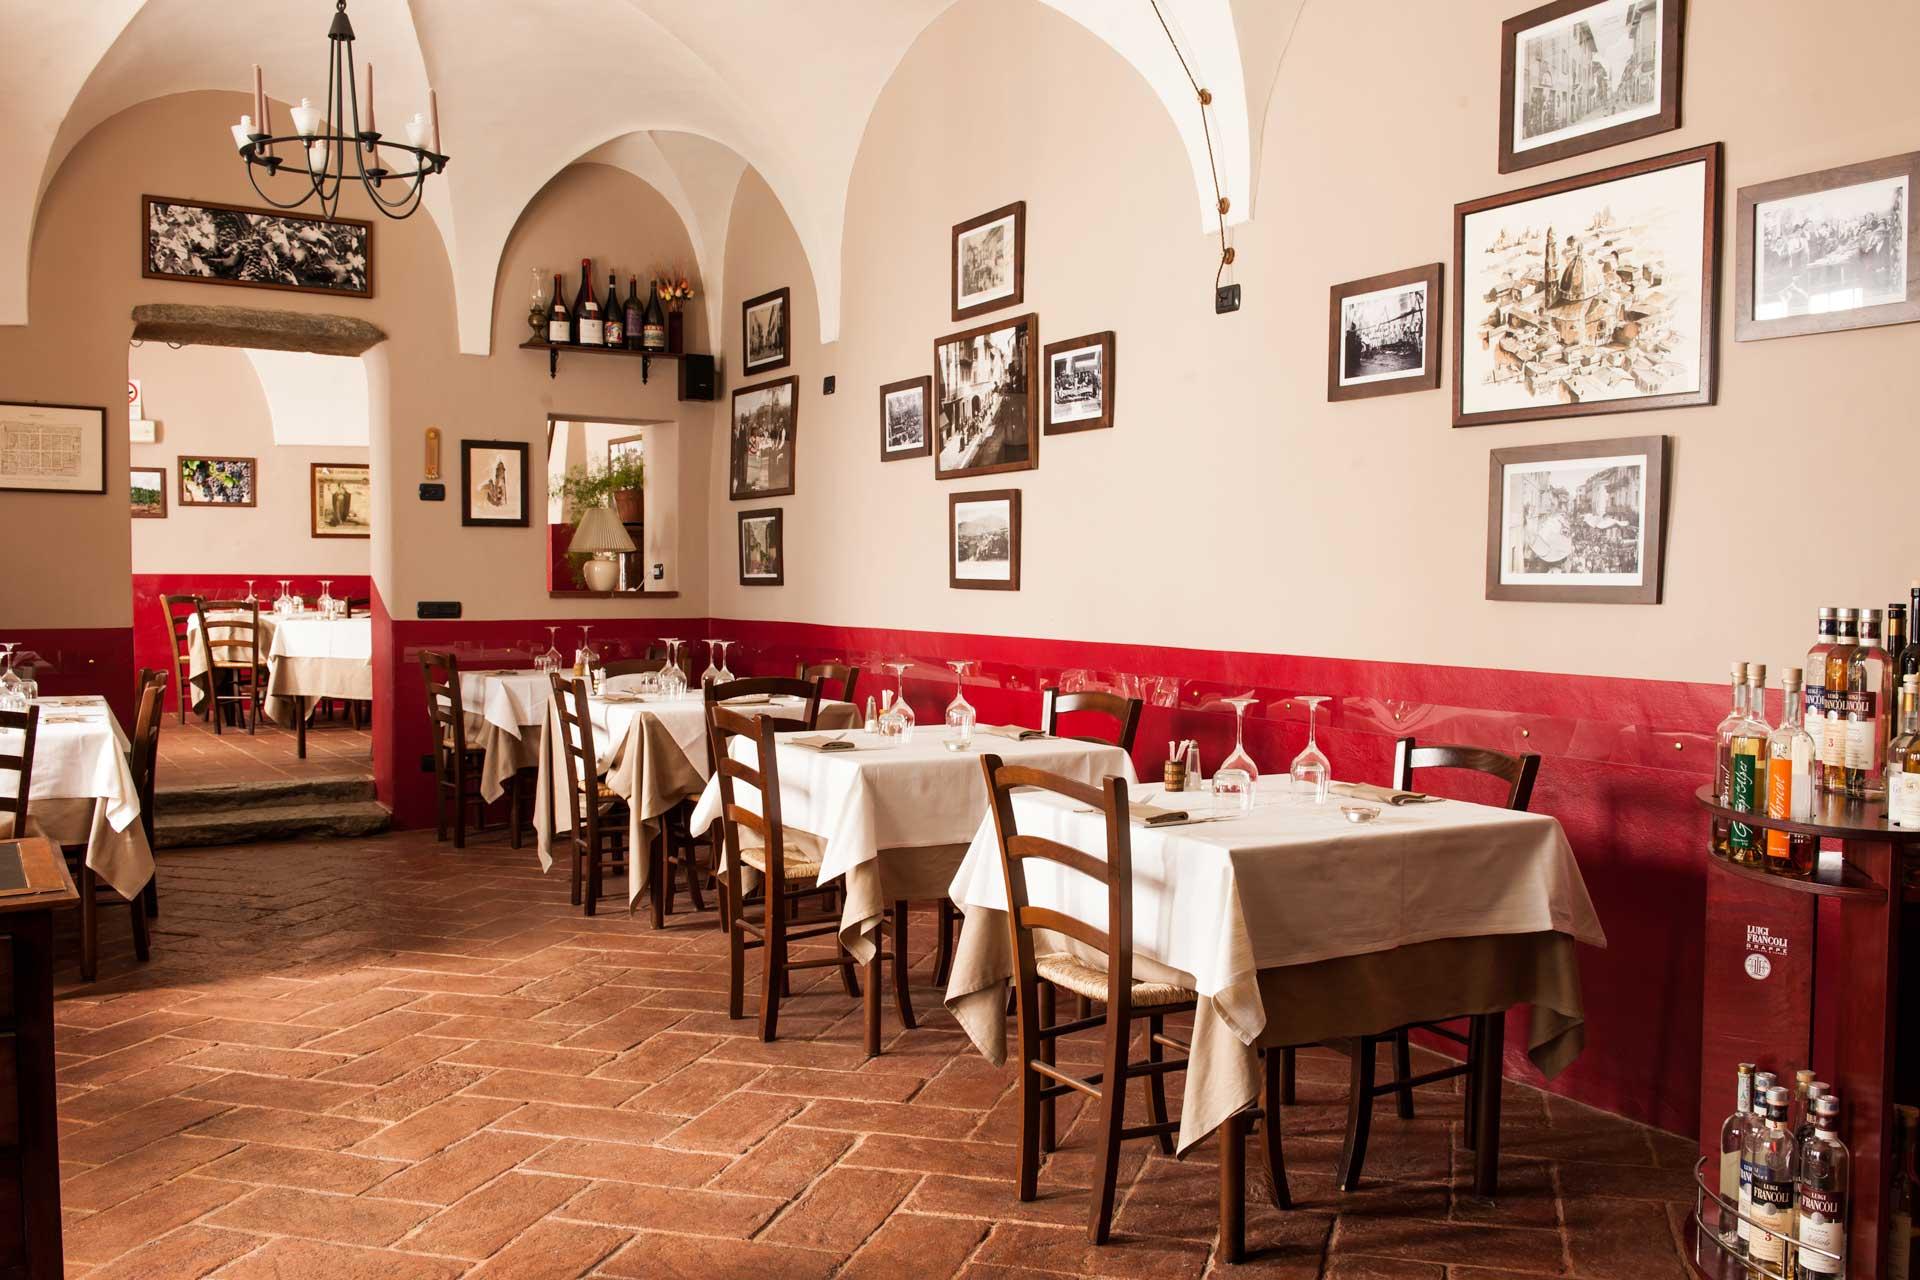 interno della sala dell'osteria ristorante La Brioska